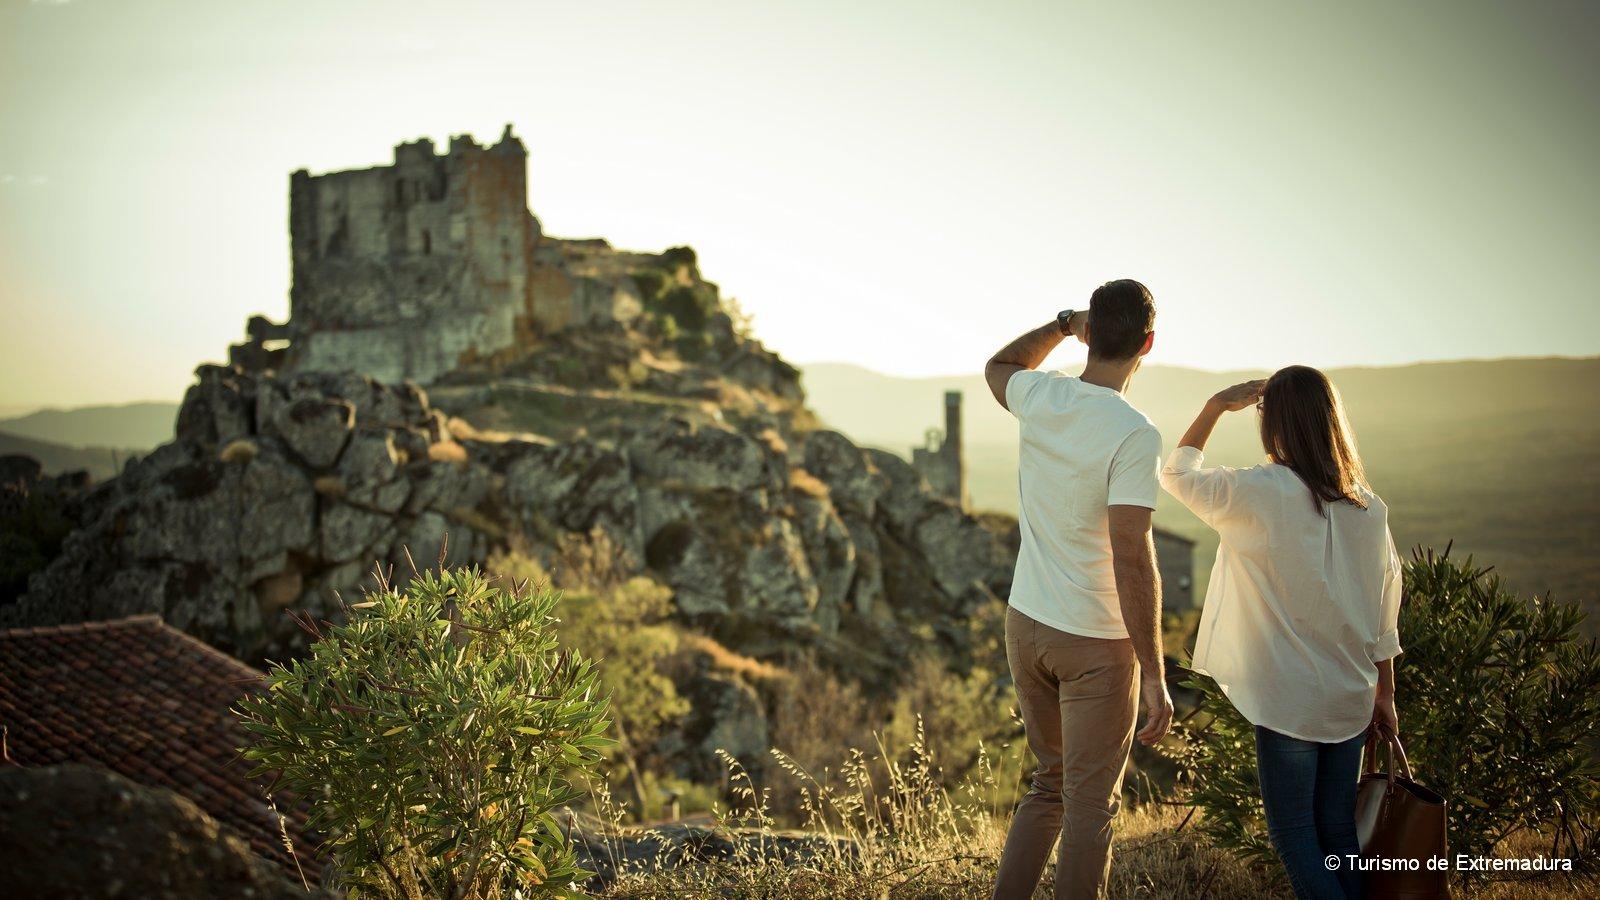 Extremadura is een van de dunbevolktste en minst toeristische regio's van Spanje. Corona maartregelen zijn hier makkelijk te volgen.